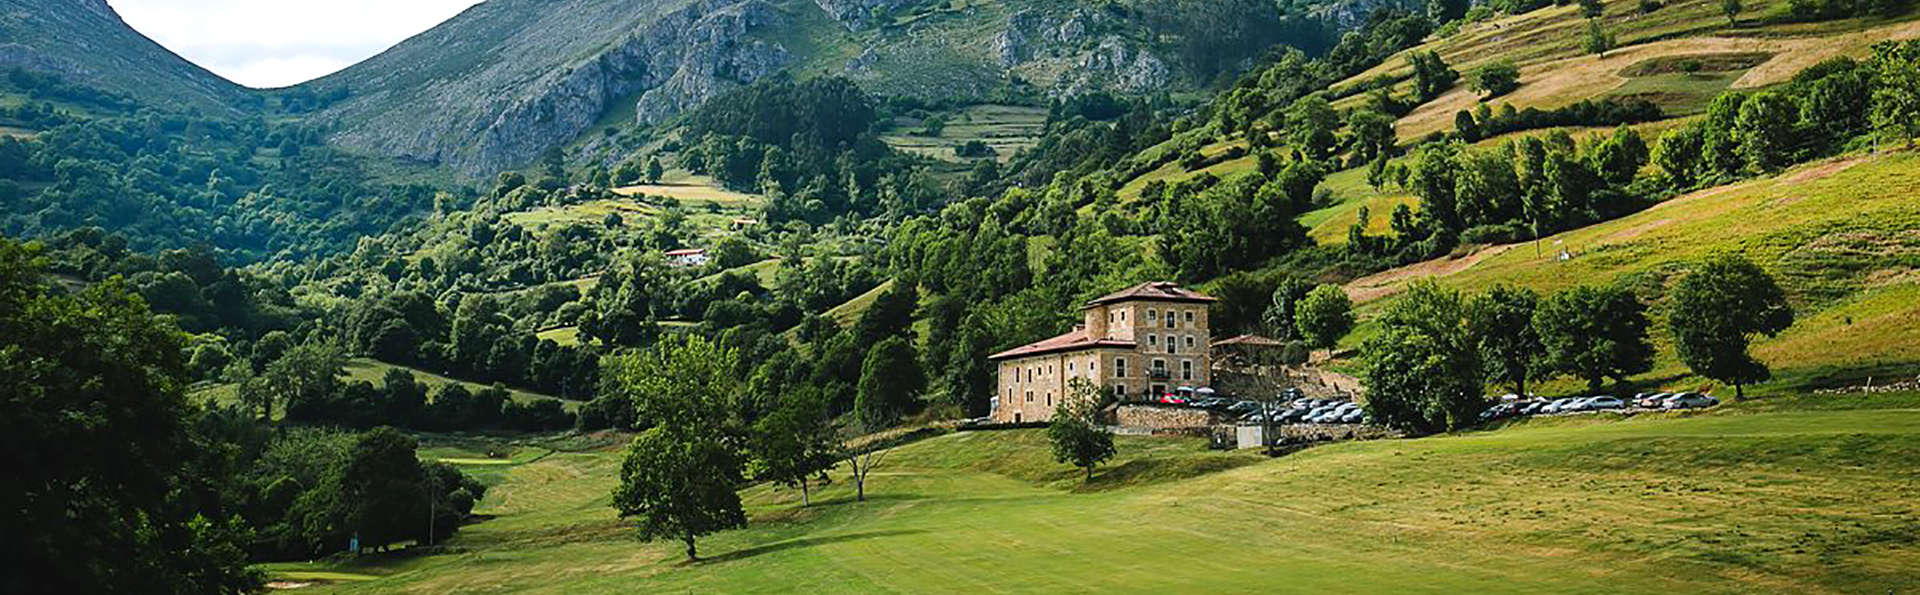 Palacio de Rubianes hotel & golf - Edit_Front4.jpg